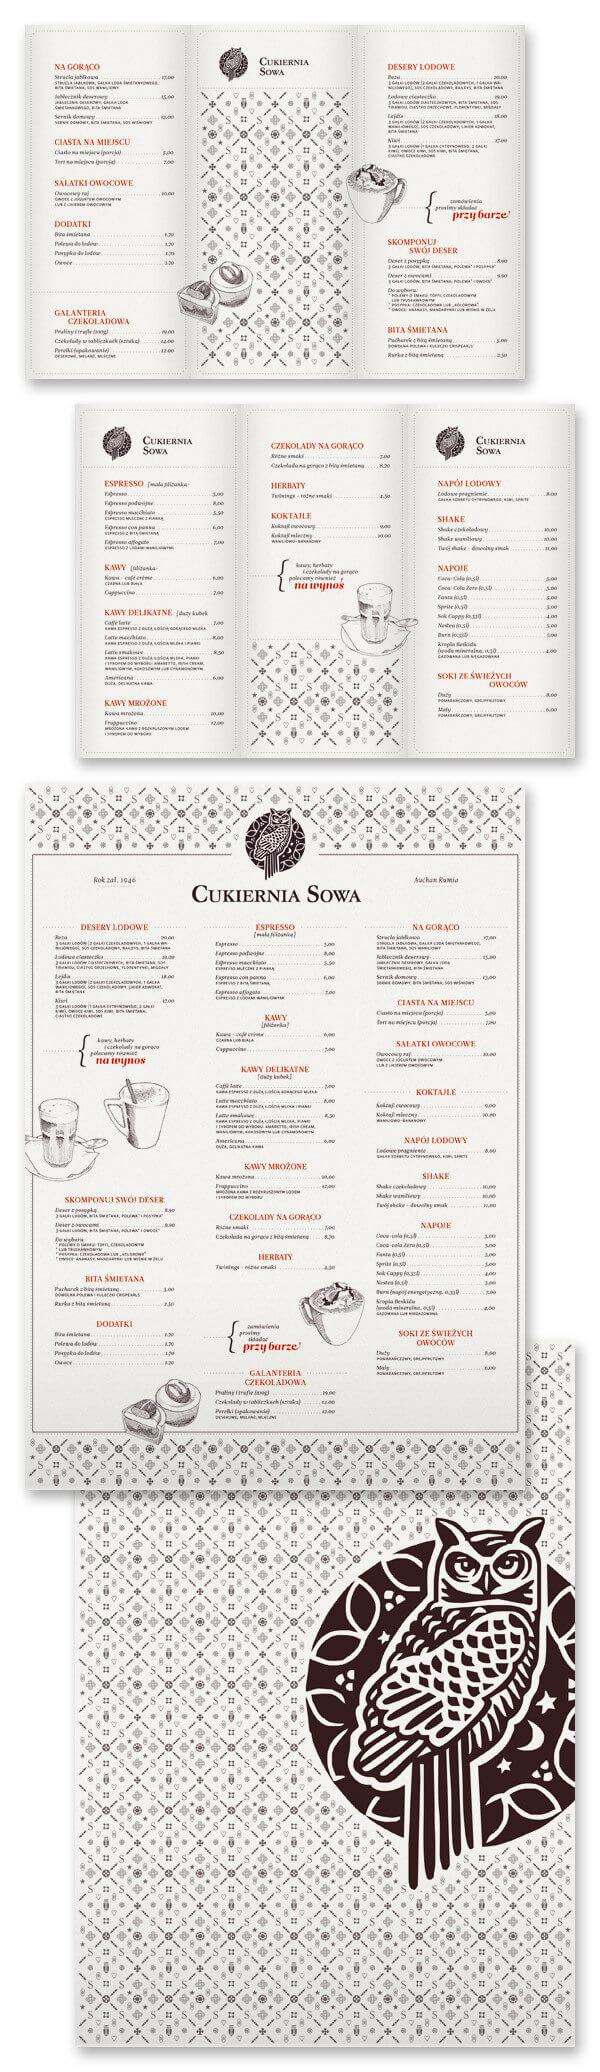 cartas-de-restaurantes-26